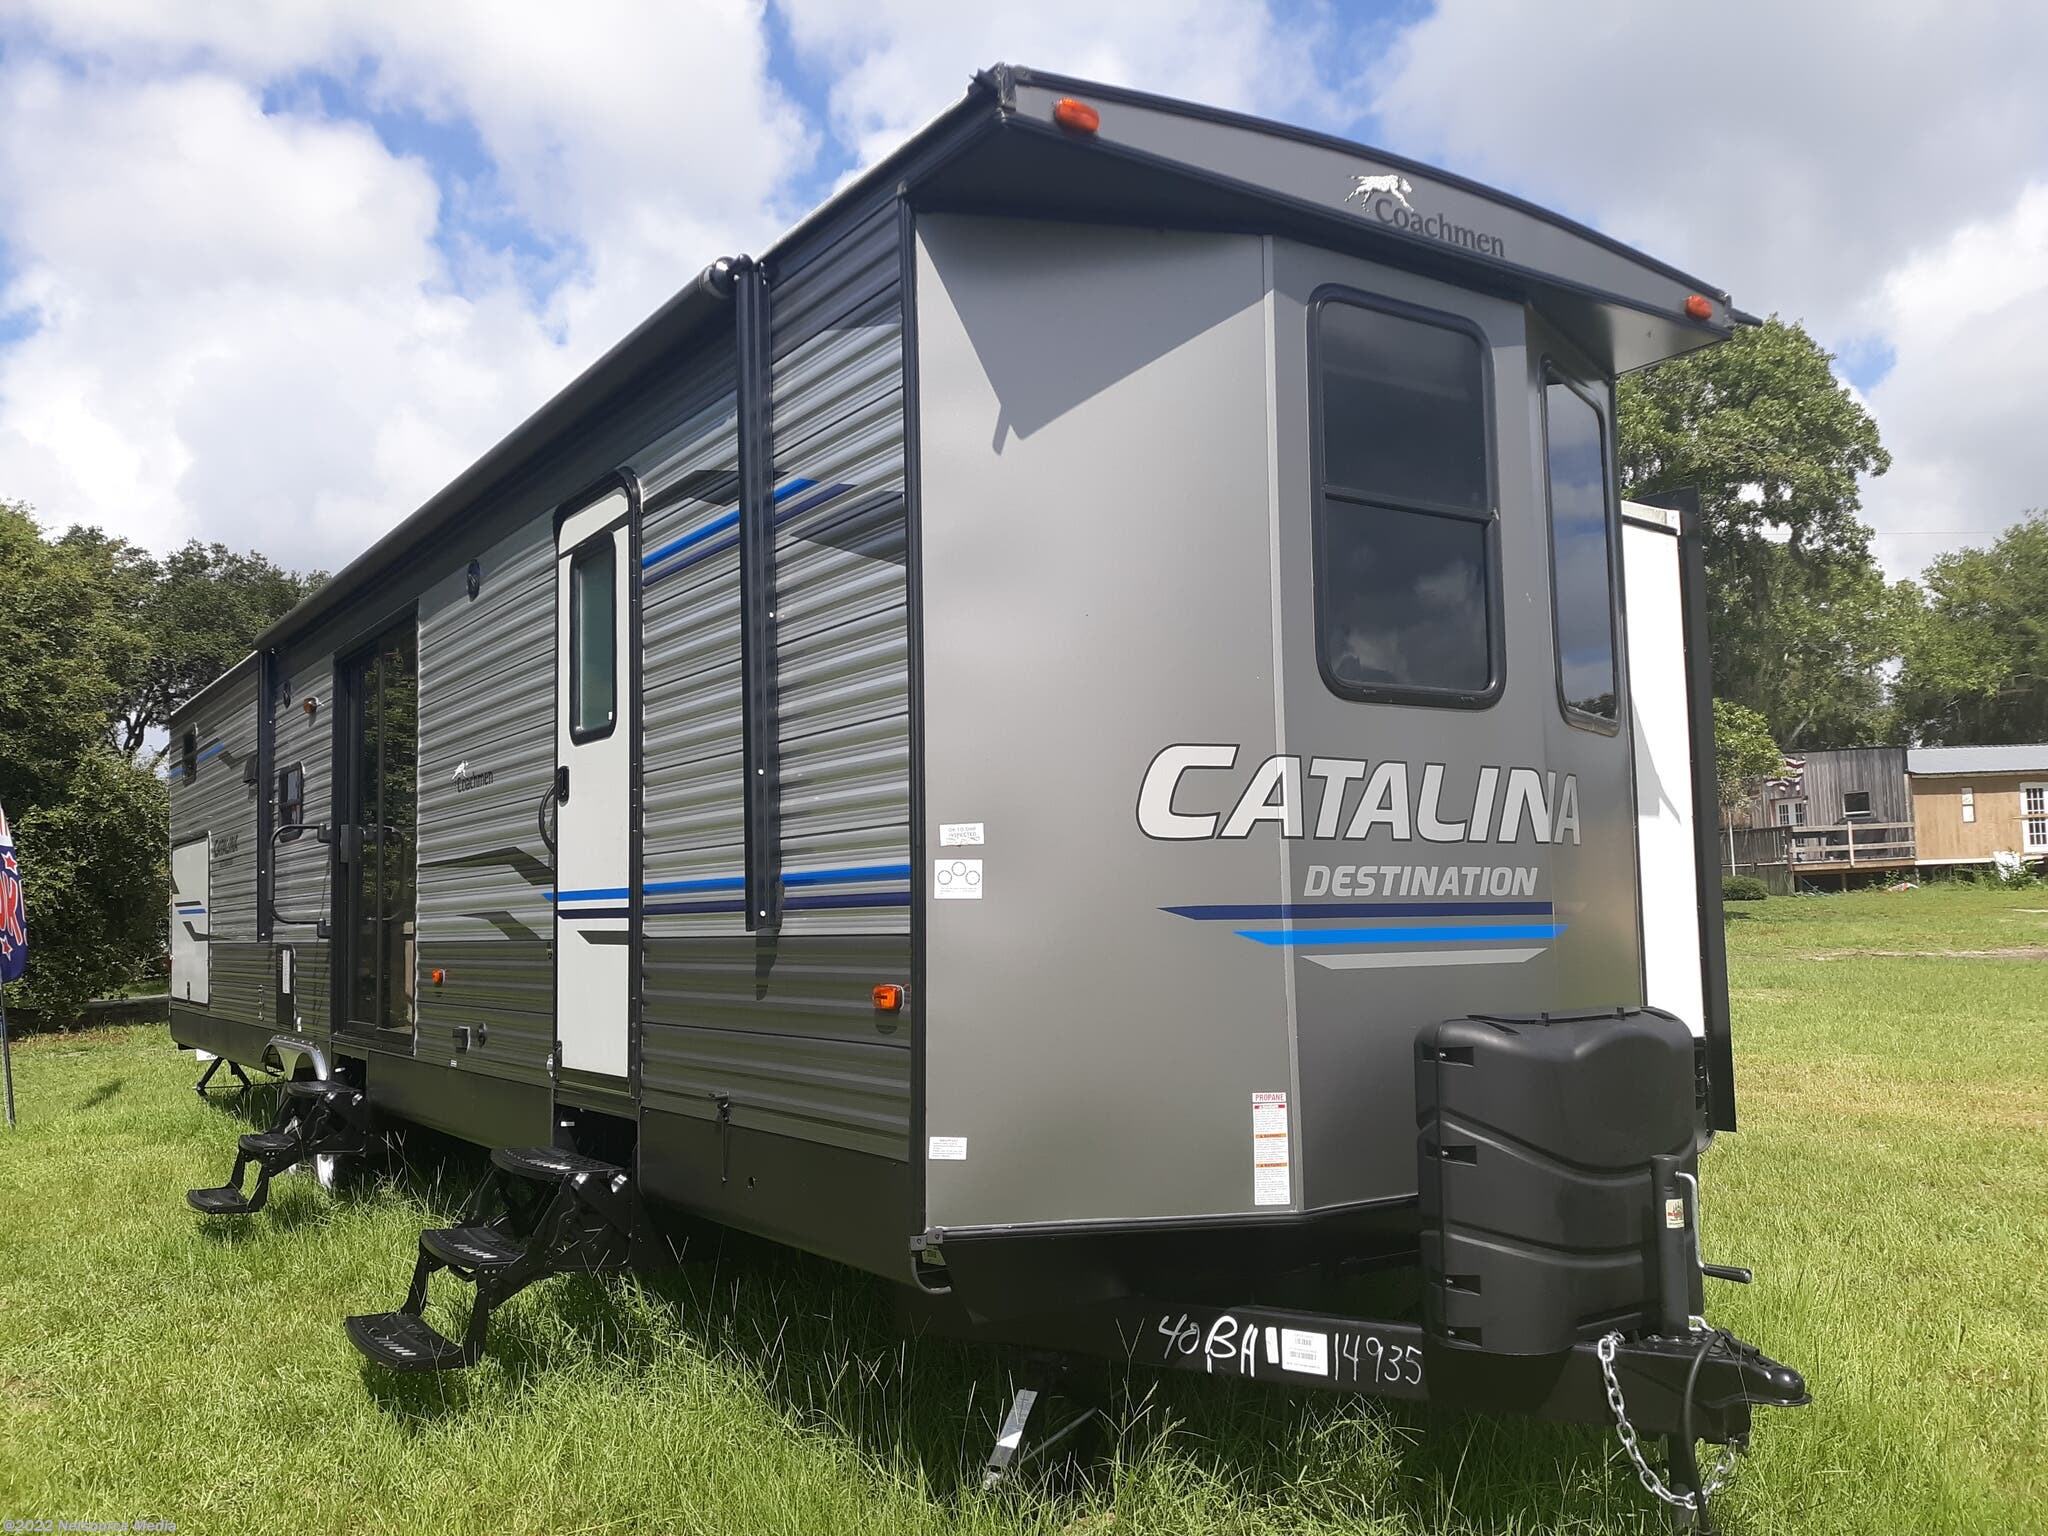 2019 Coachmen RV Catalina 40BHTS for Sale in Bushnell, FL 33513 | CATA14935